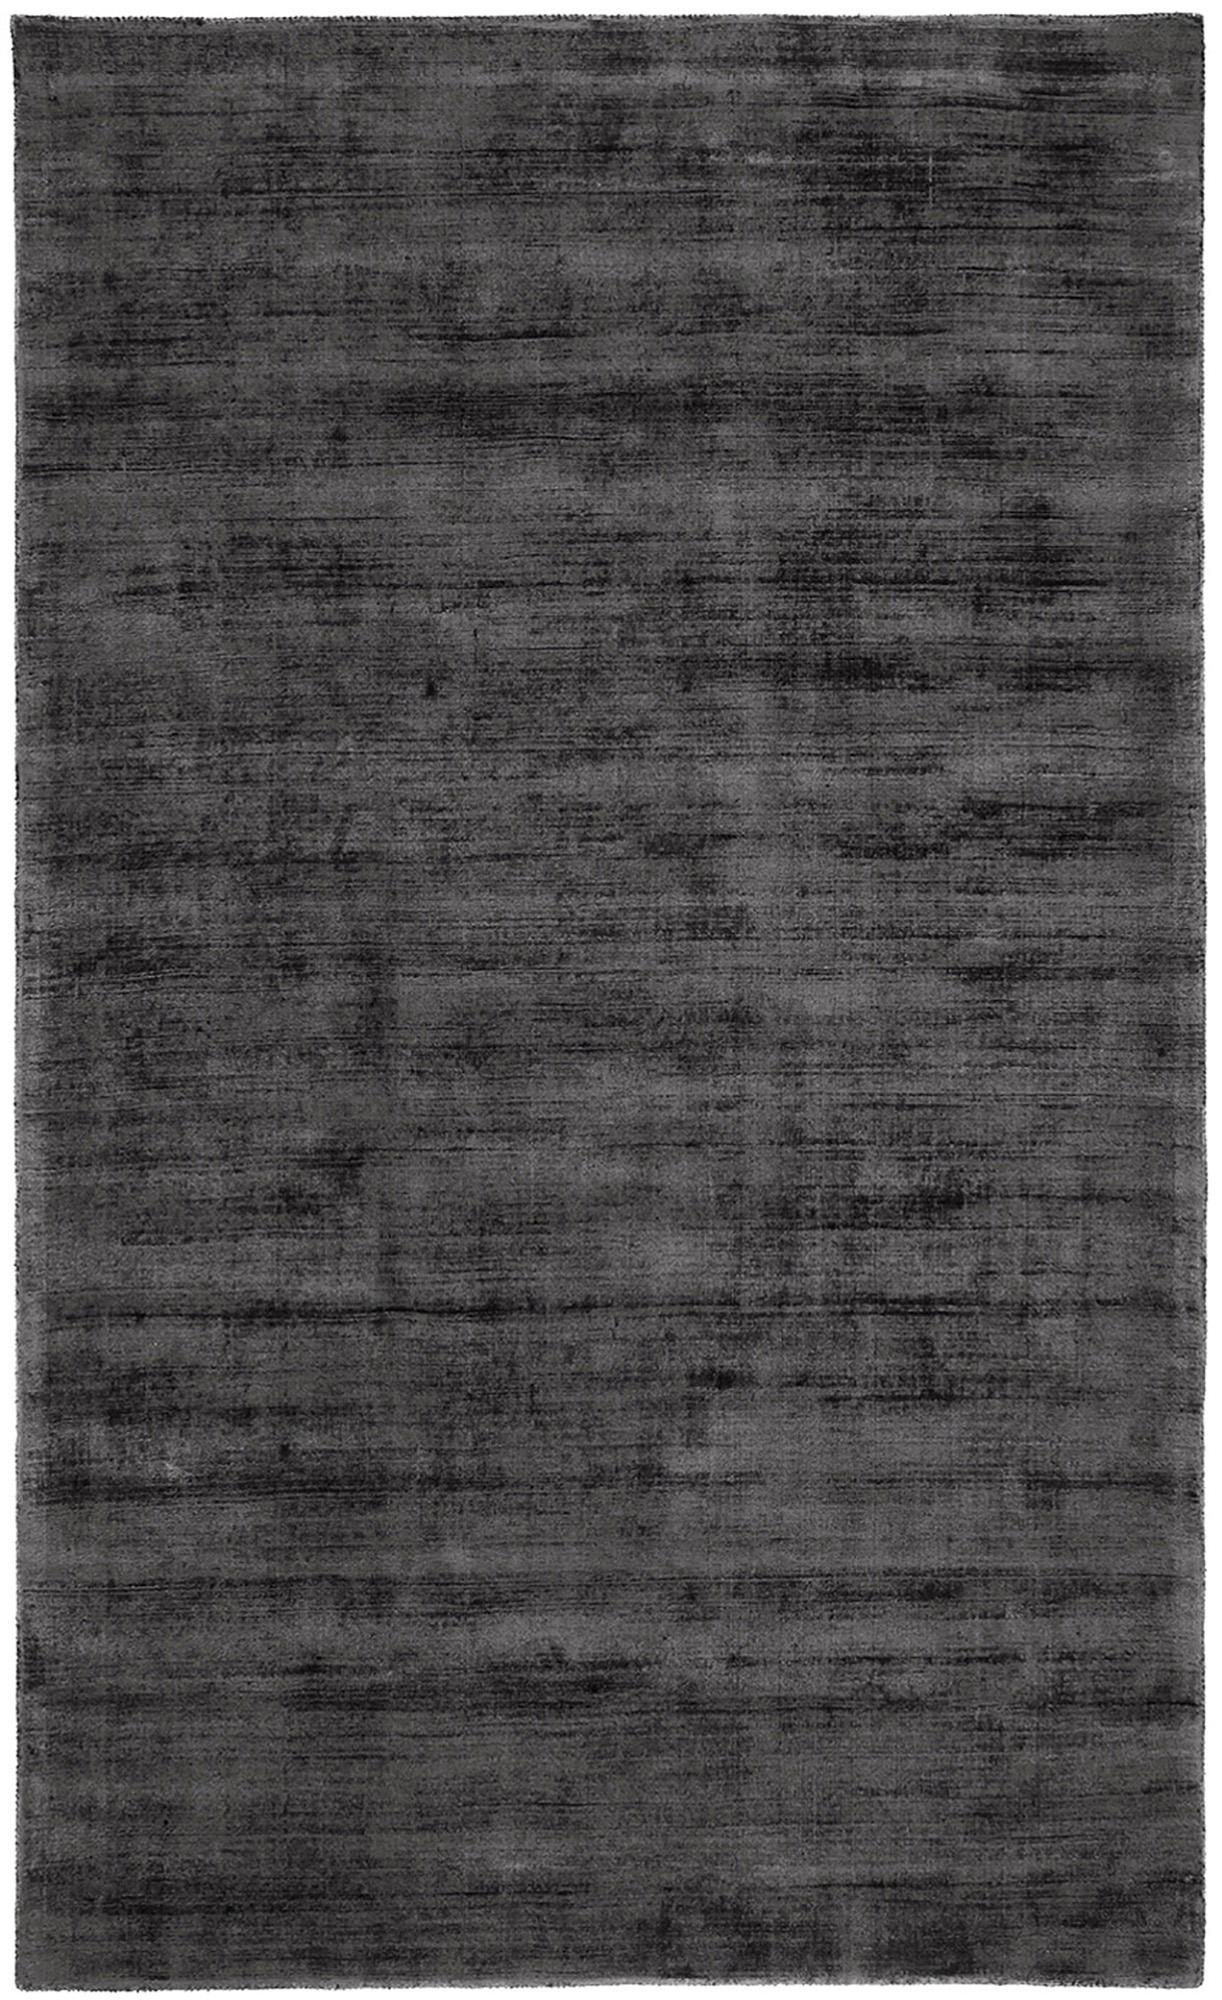 Tappeto in viscosa tessuto a mano Jane, Retro: 100% cotone, Nero antracite, Larg. 90 x Lung. 150 cm (taglia XS)